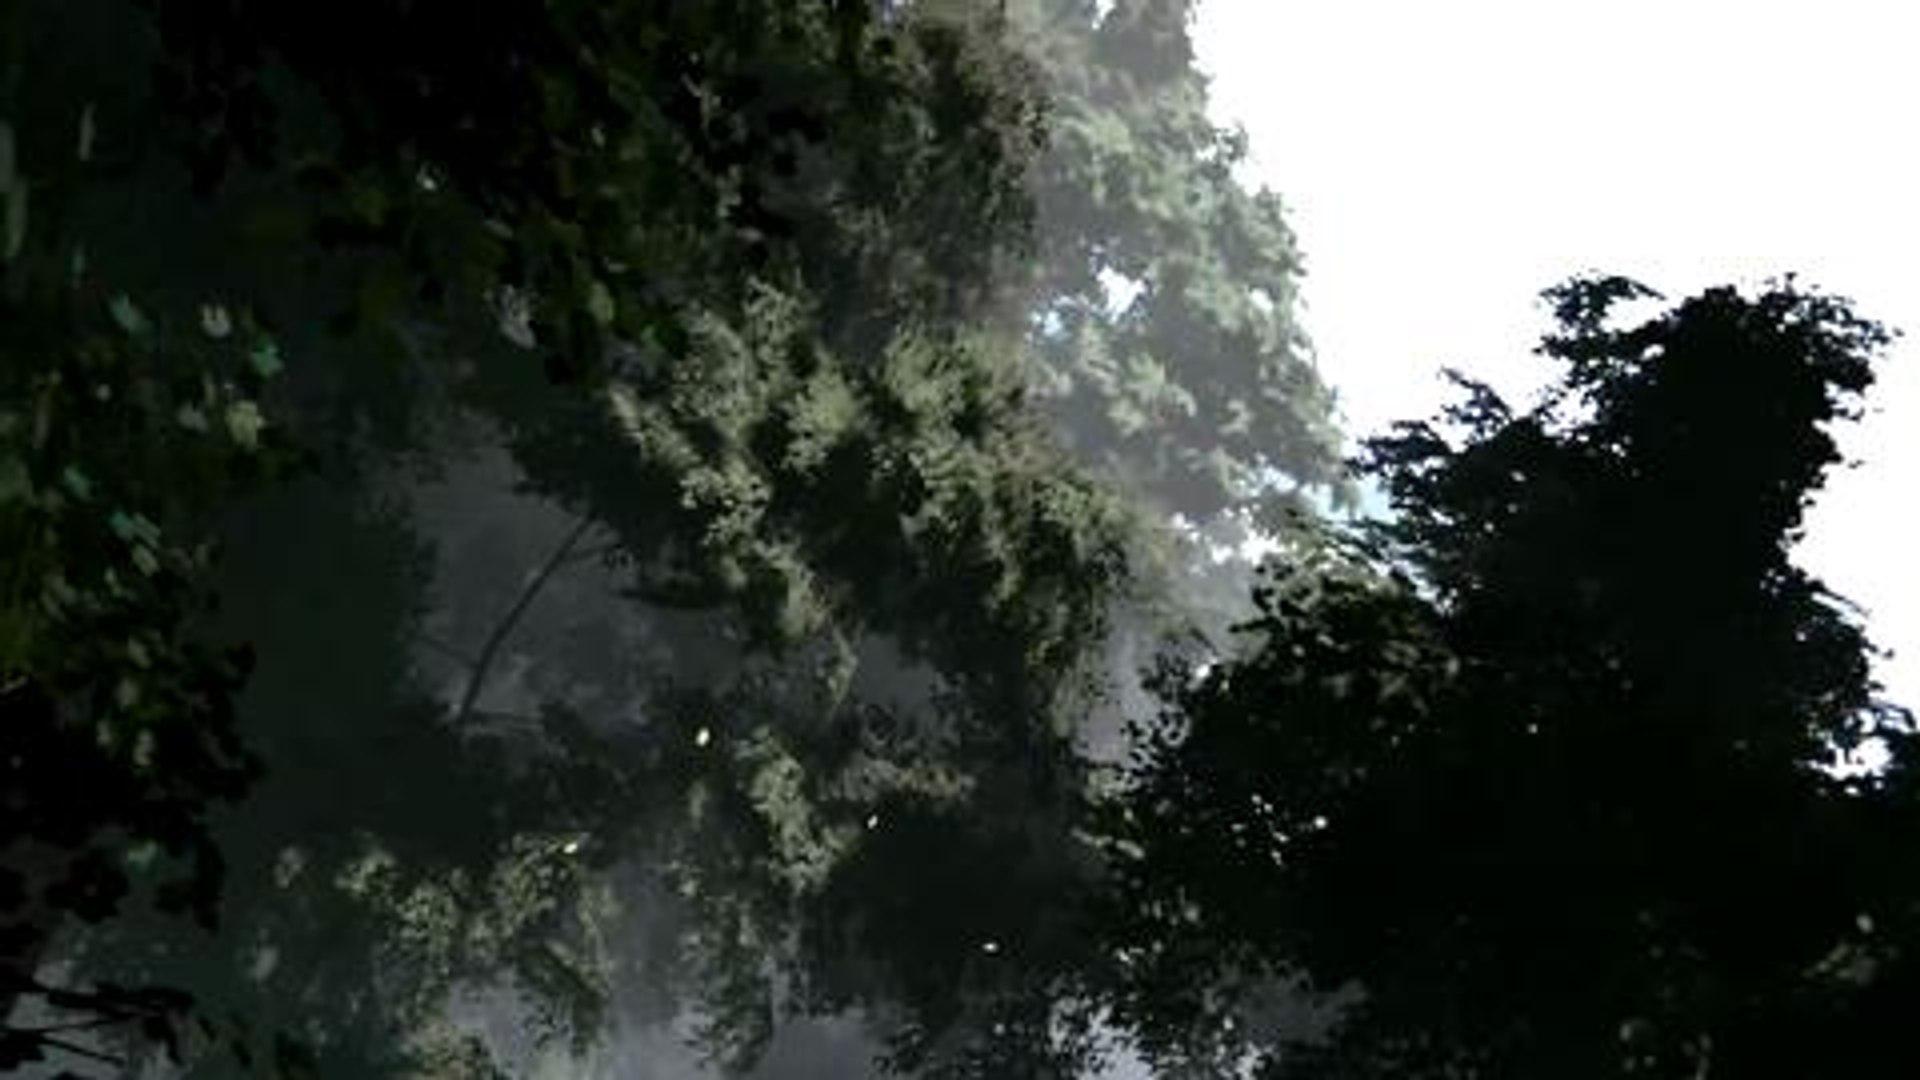 Unreal engine 4 bosque